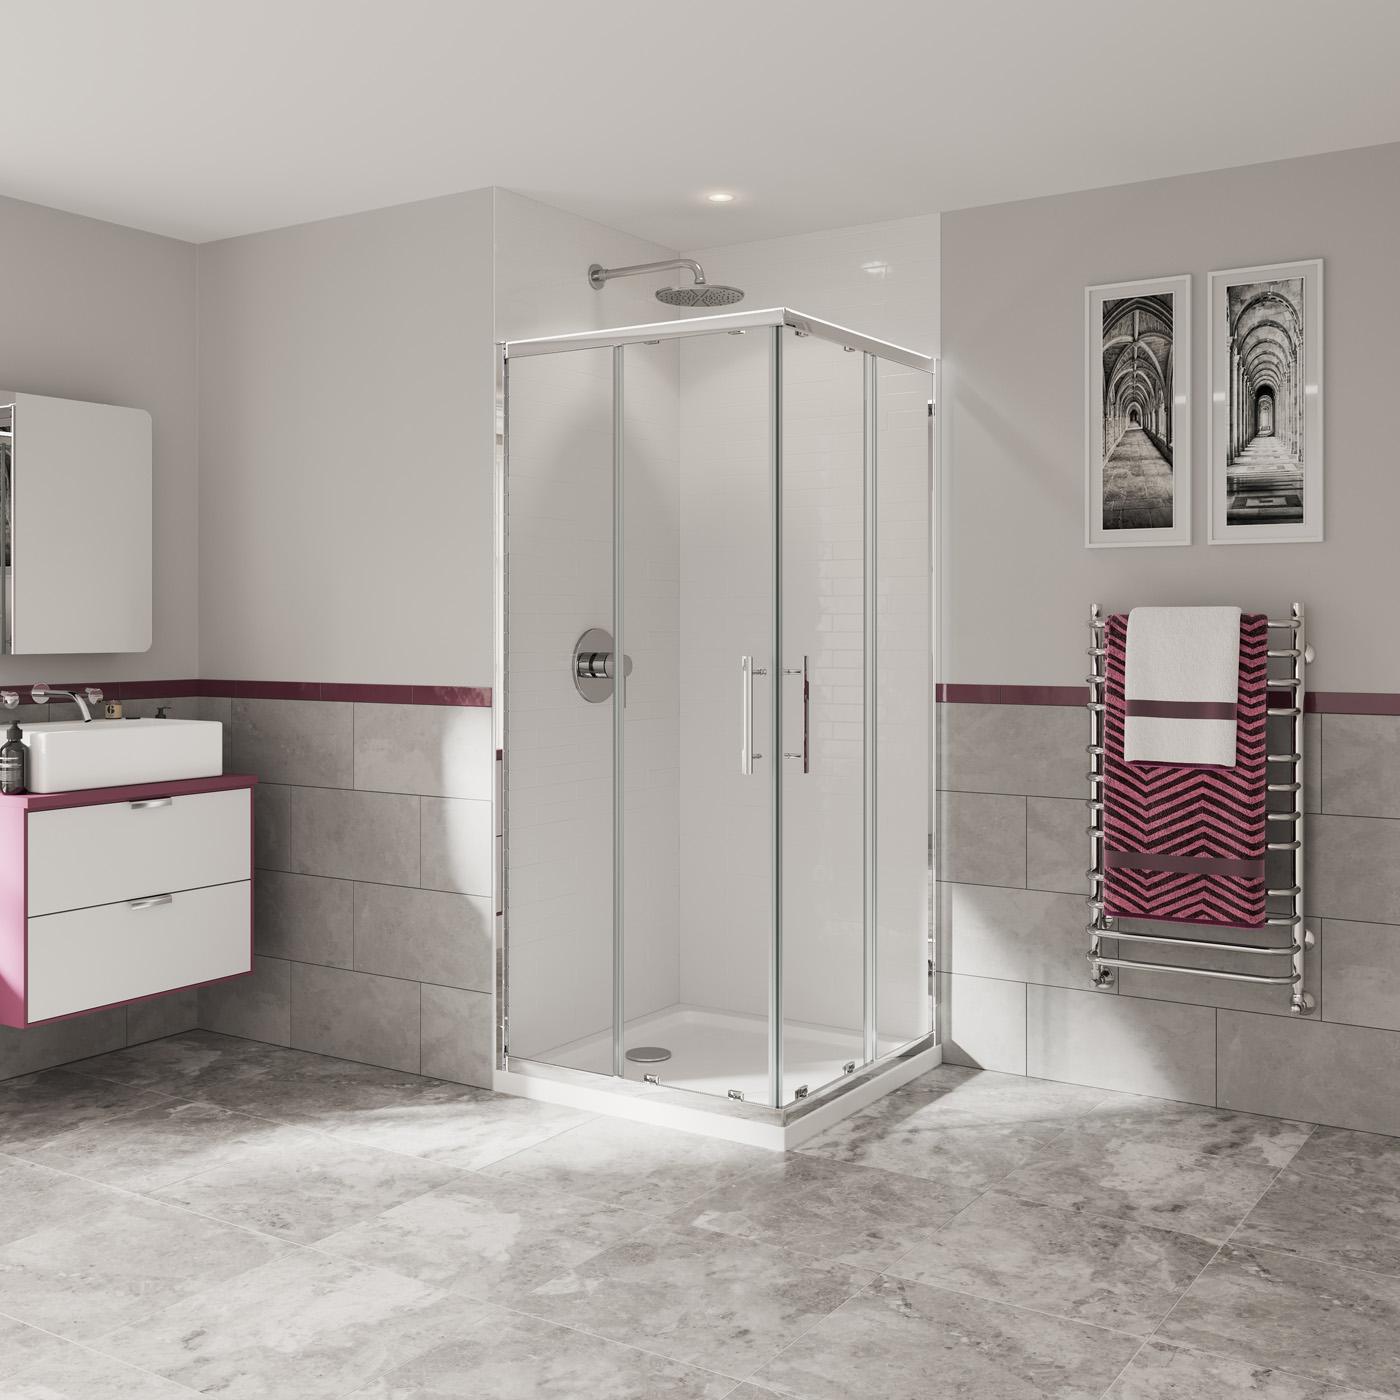 Home Furniture Diy Shower Enclosure 3 Sided Corner Entry